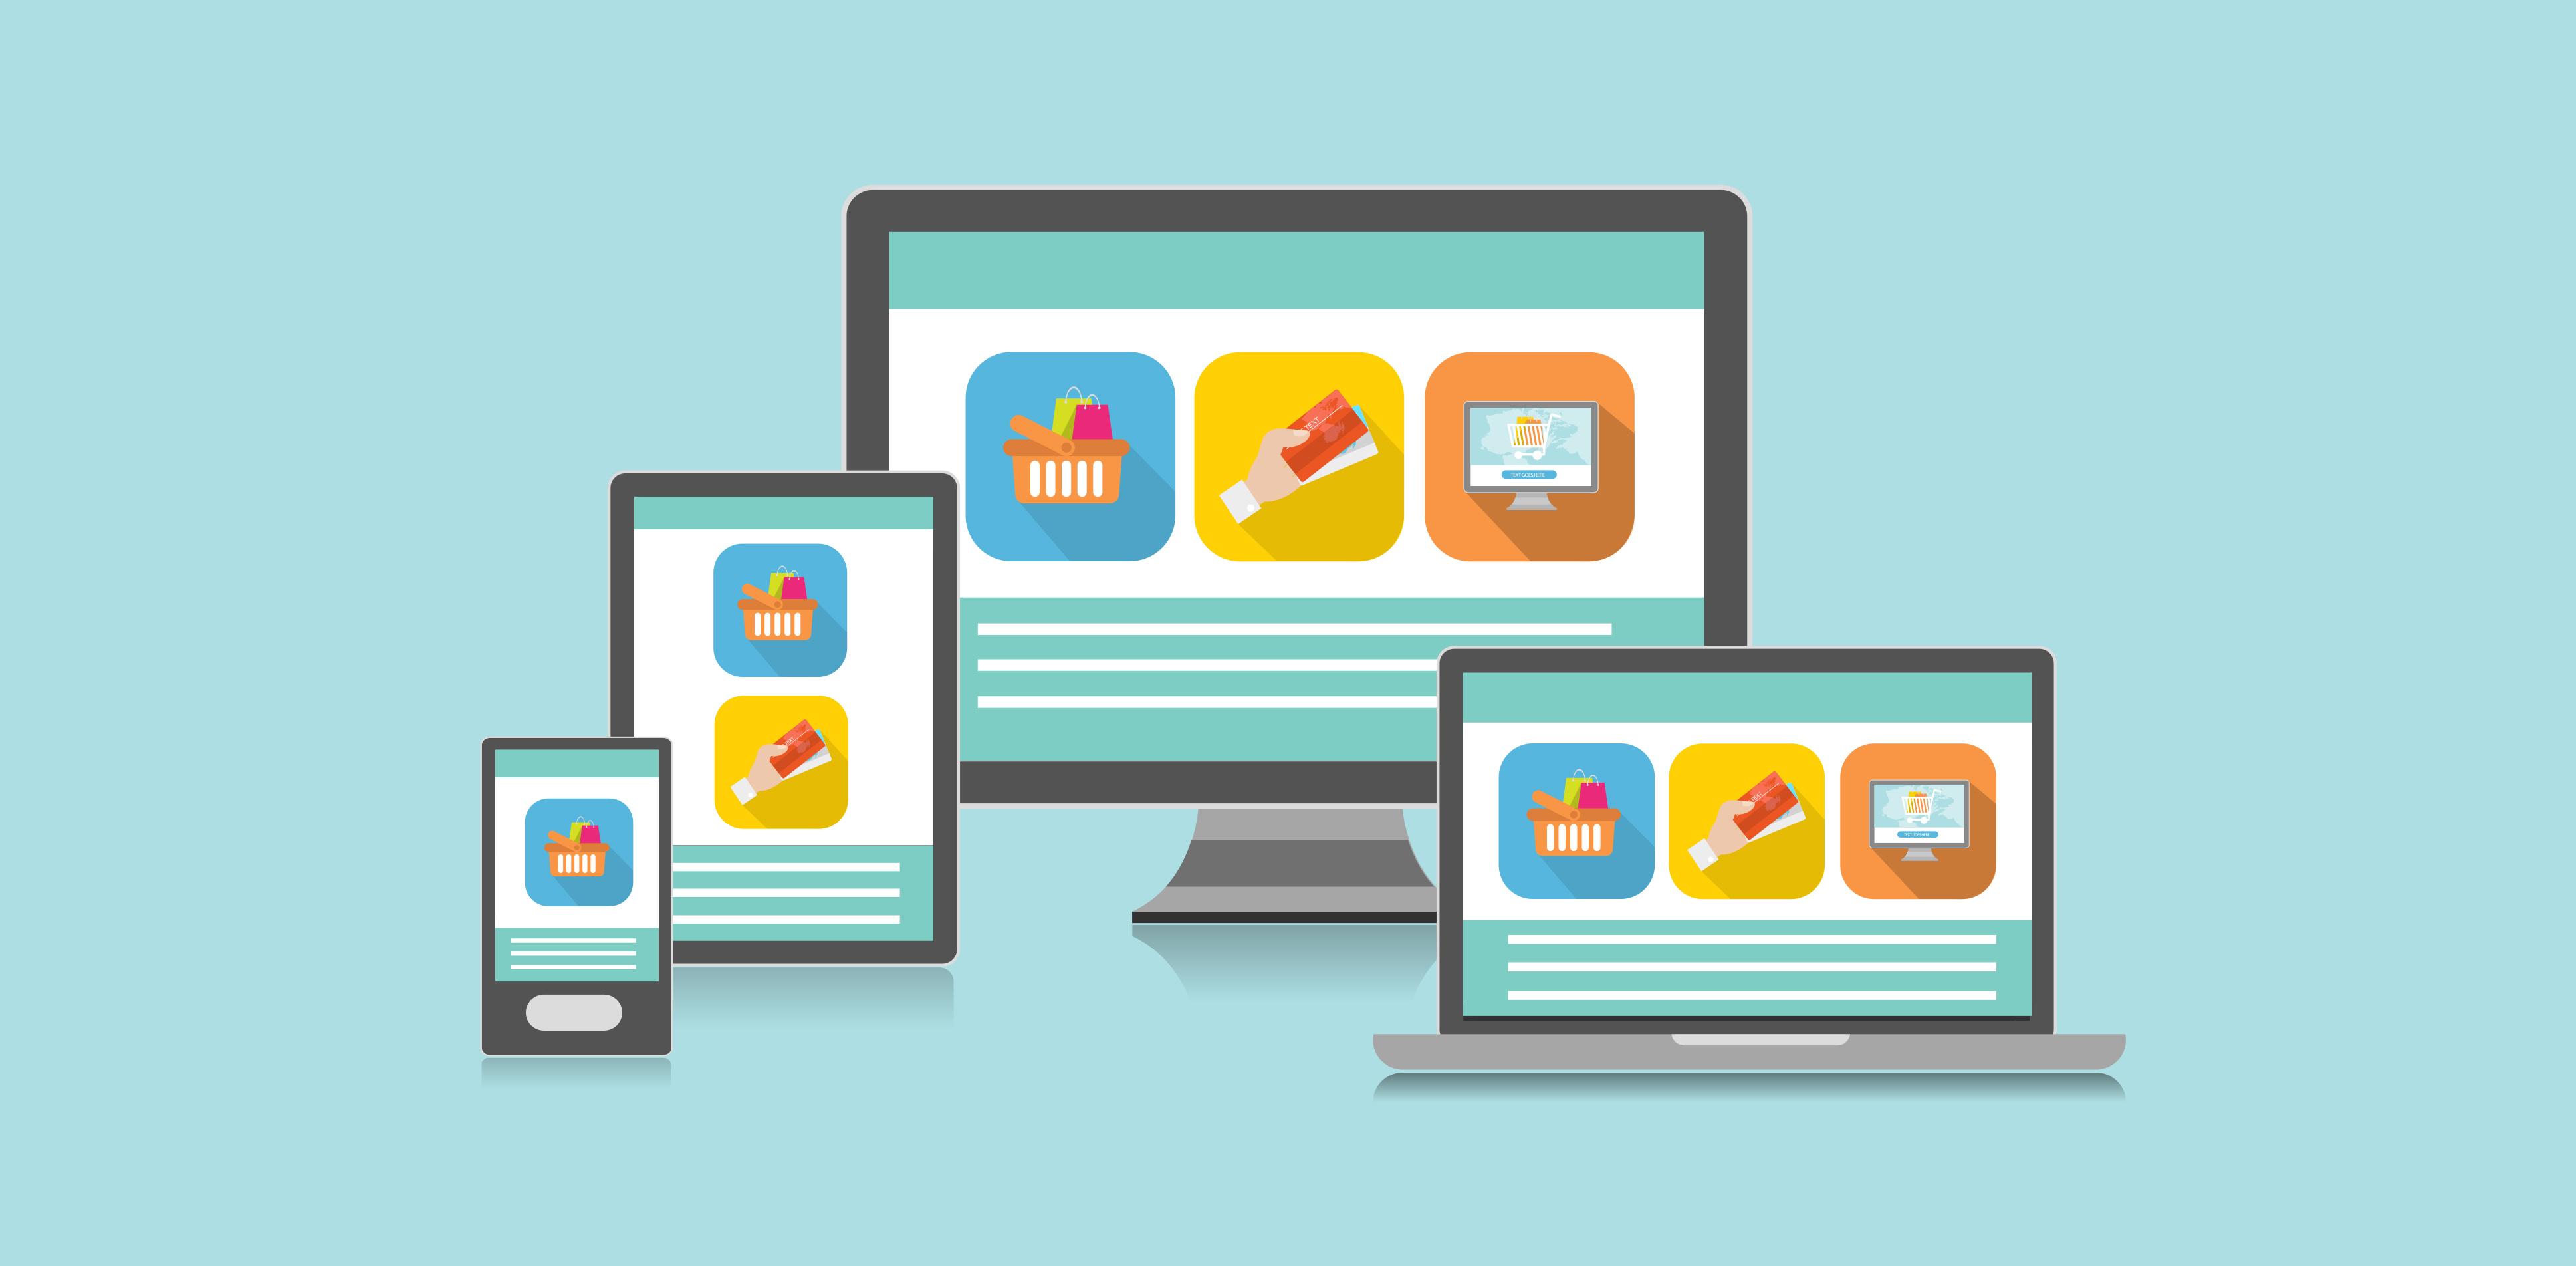 طراحی وب واکنشی Responsive Web Design بخش اول: مفاهیم